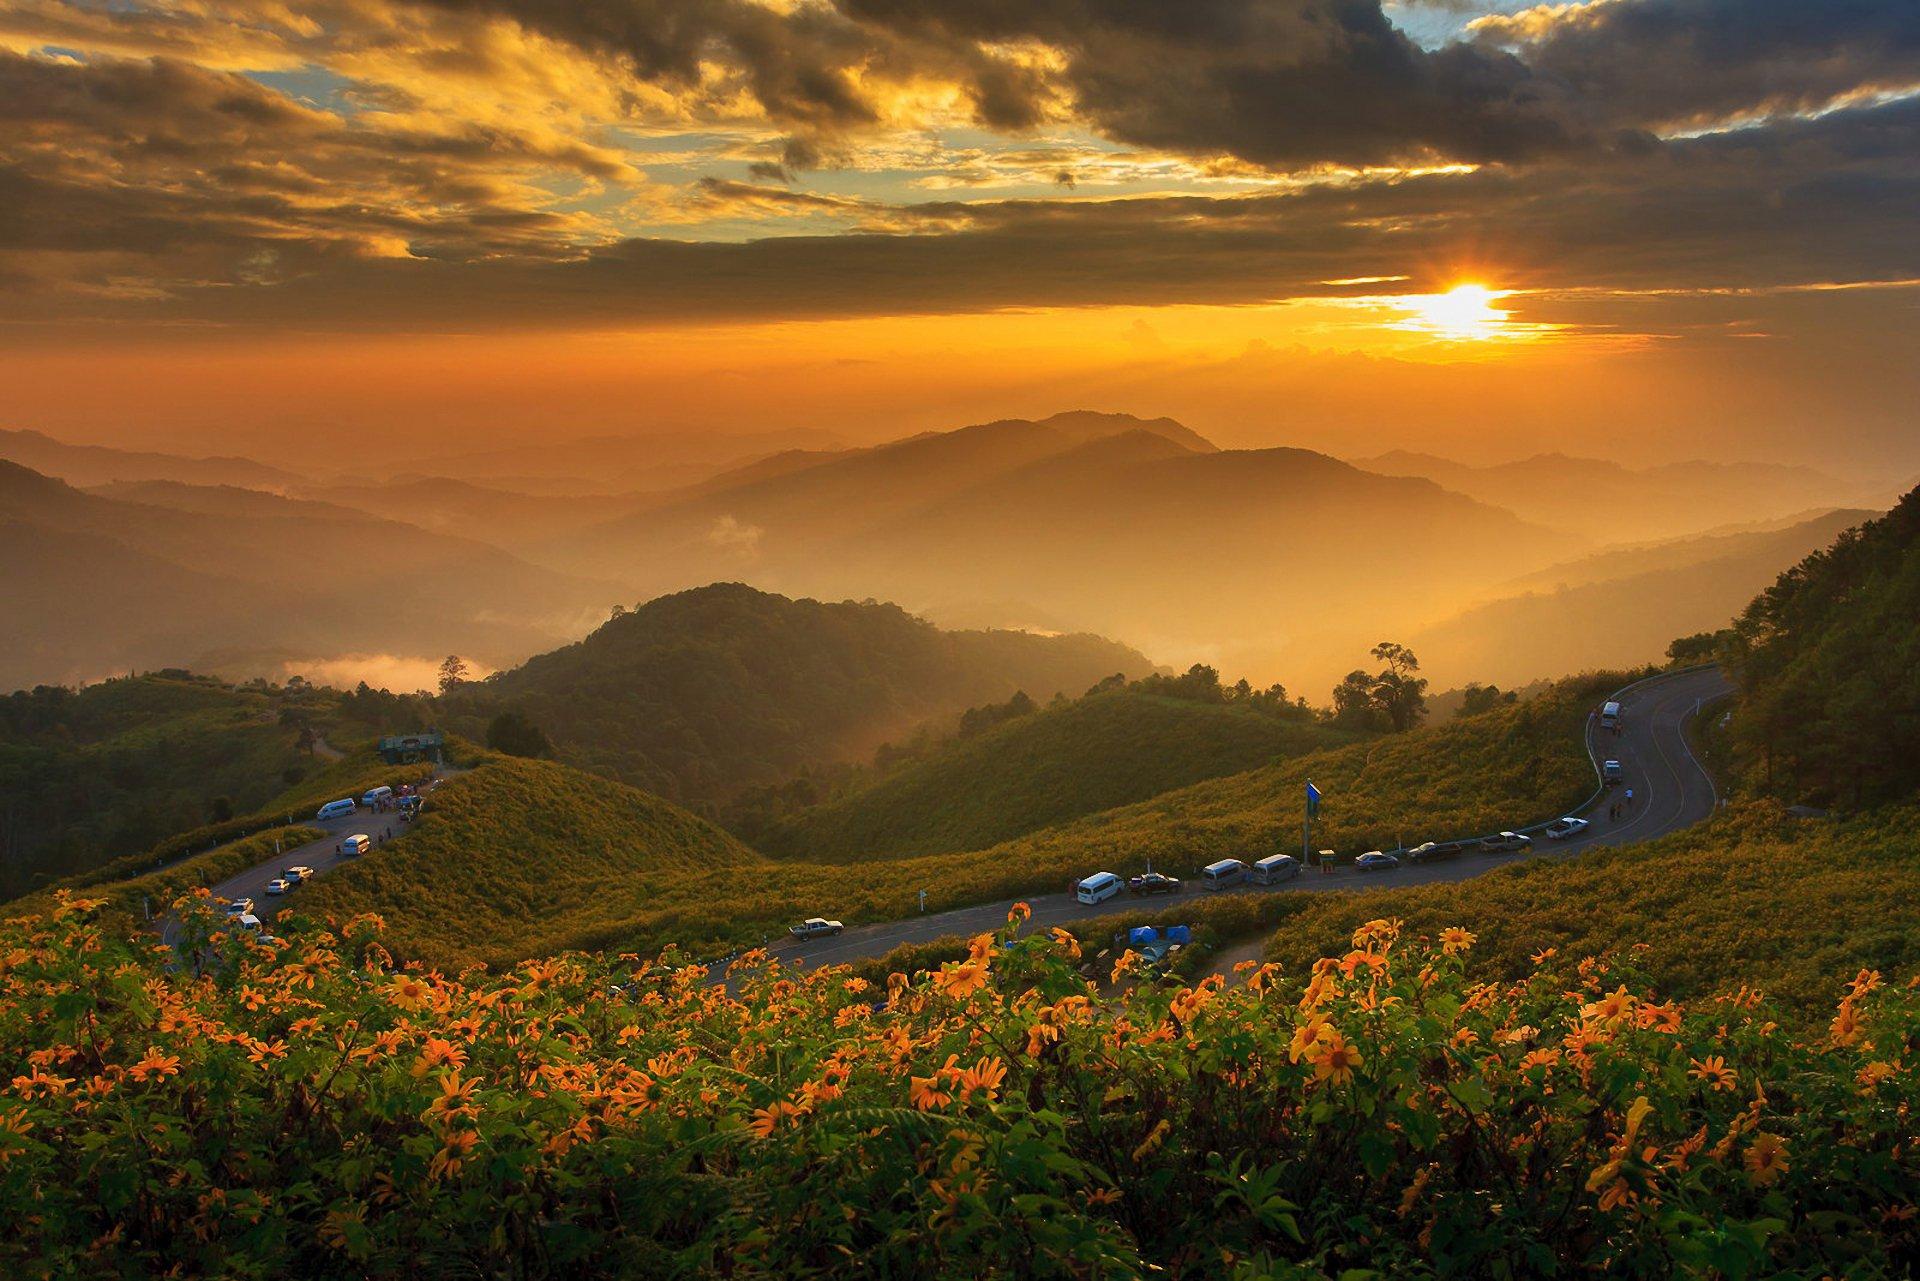 Солнце, рассвет, горы, холмы, дорога  № 3302137 без смс